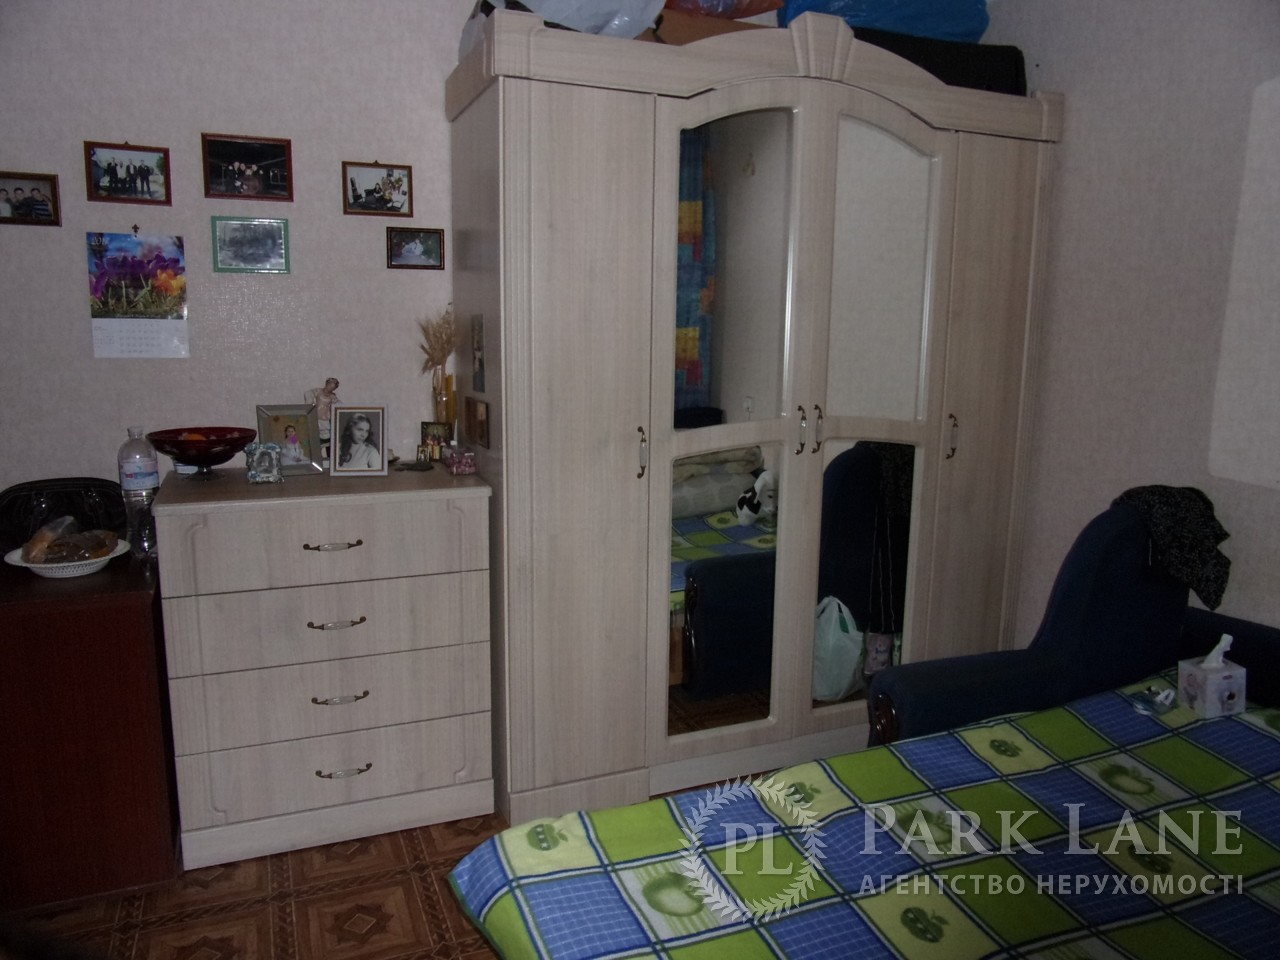 Нежилое помещение, Z-266167, Ивашкевича Ярослава, Киев - Фото 8